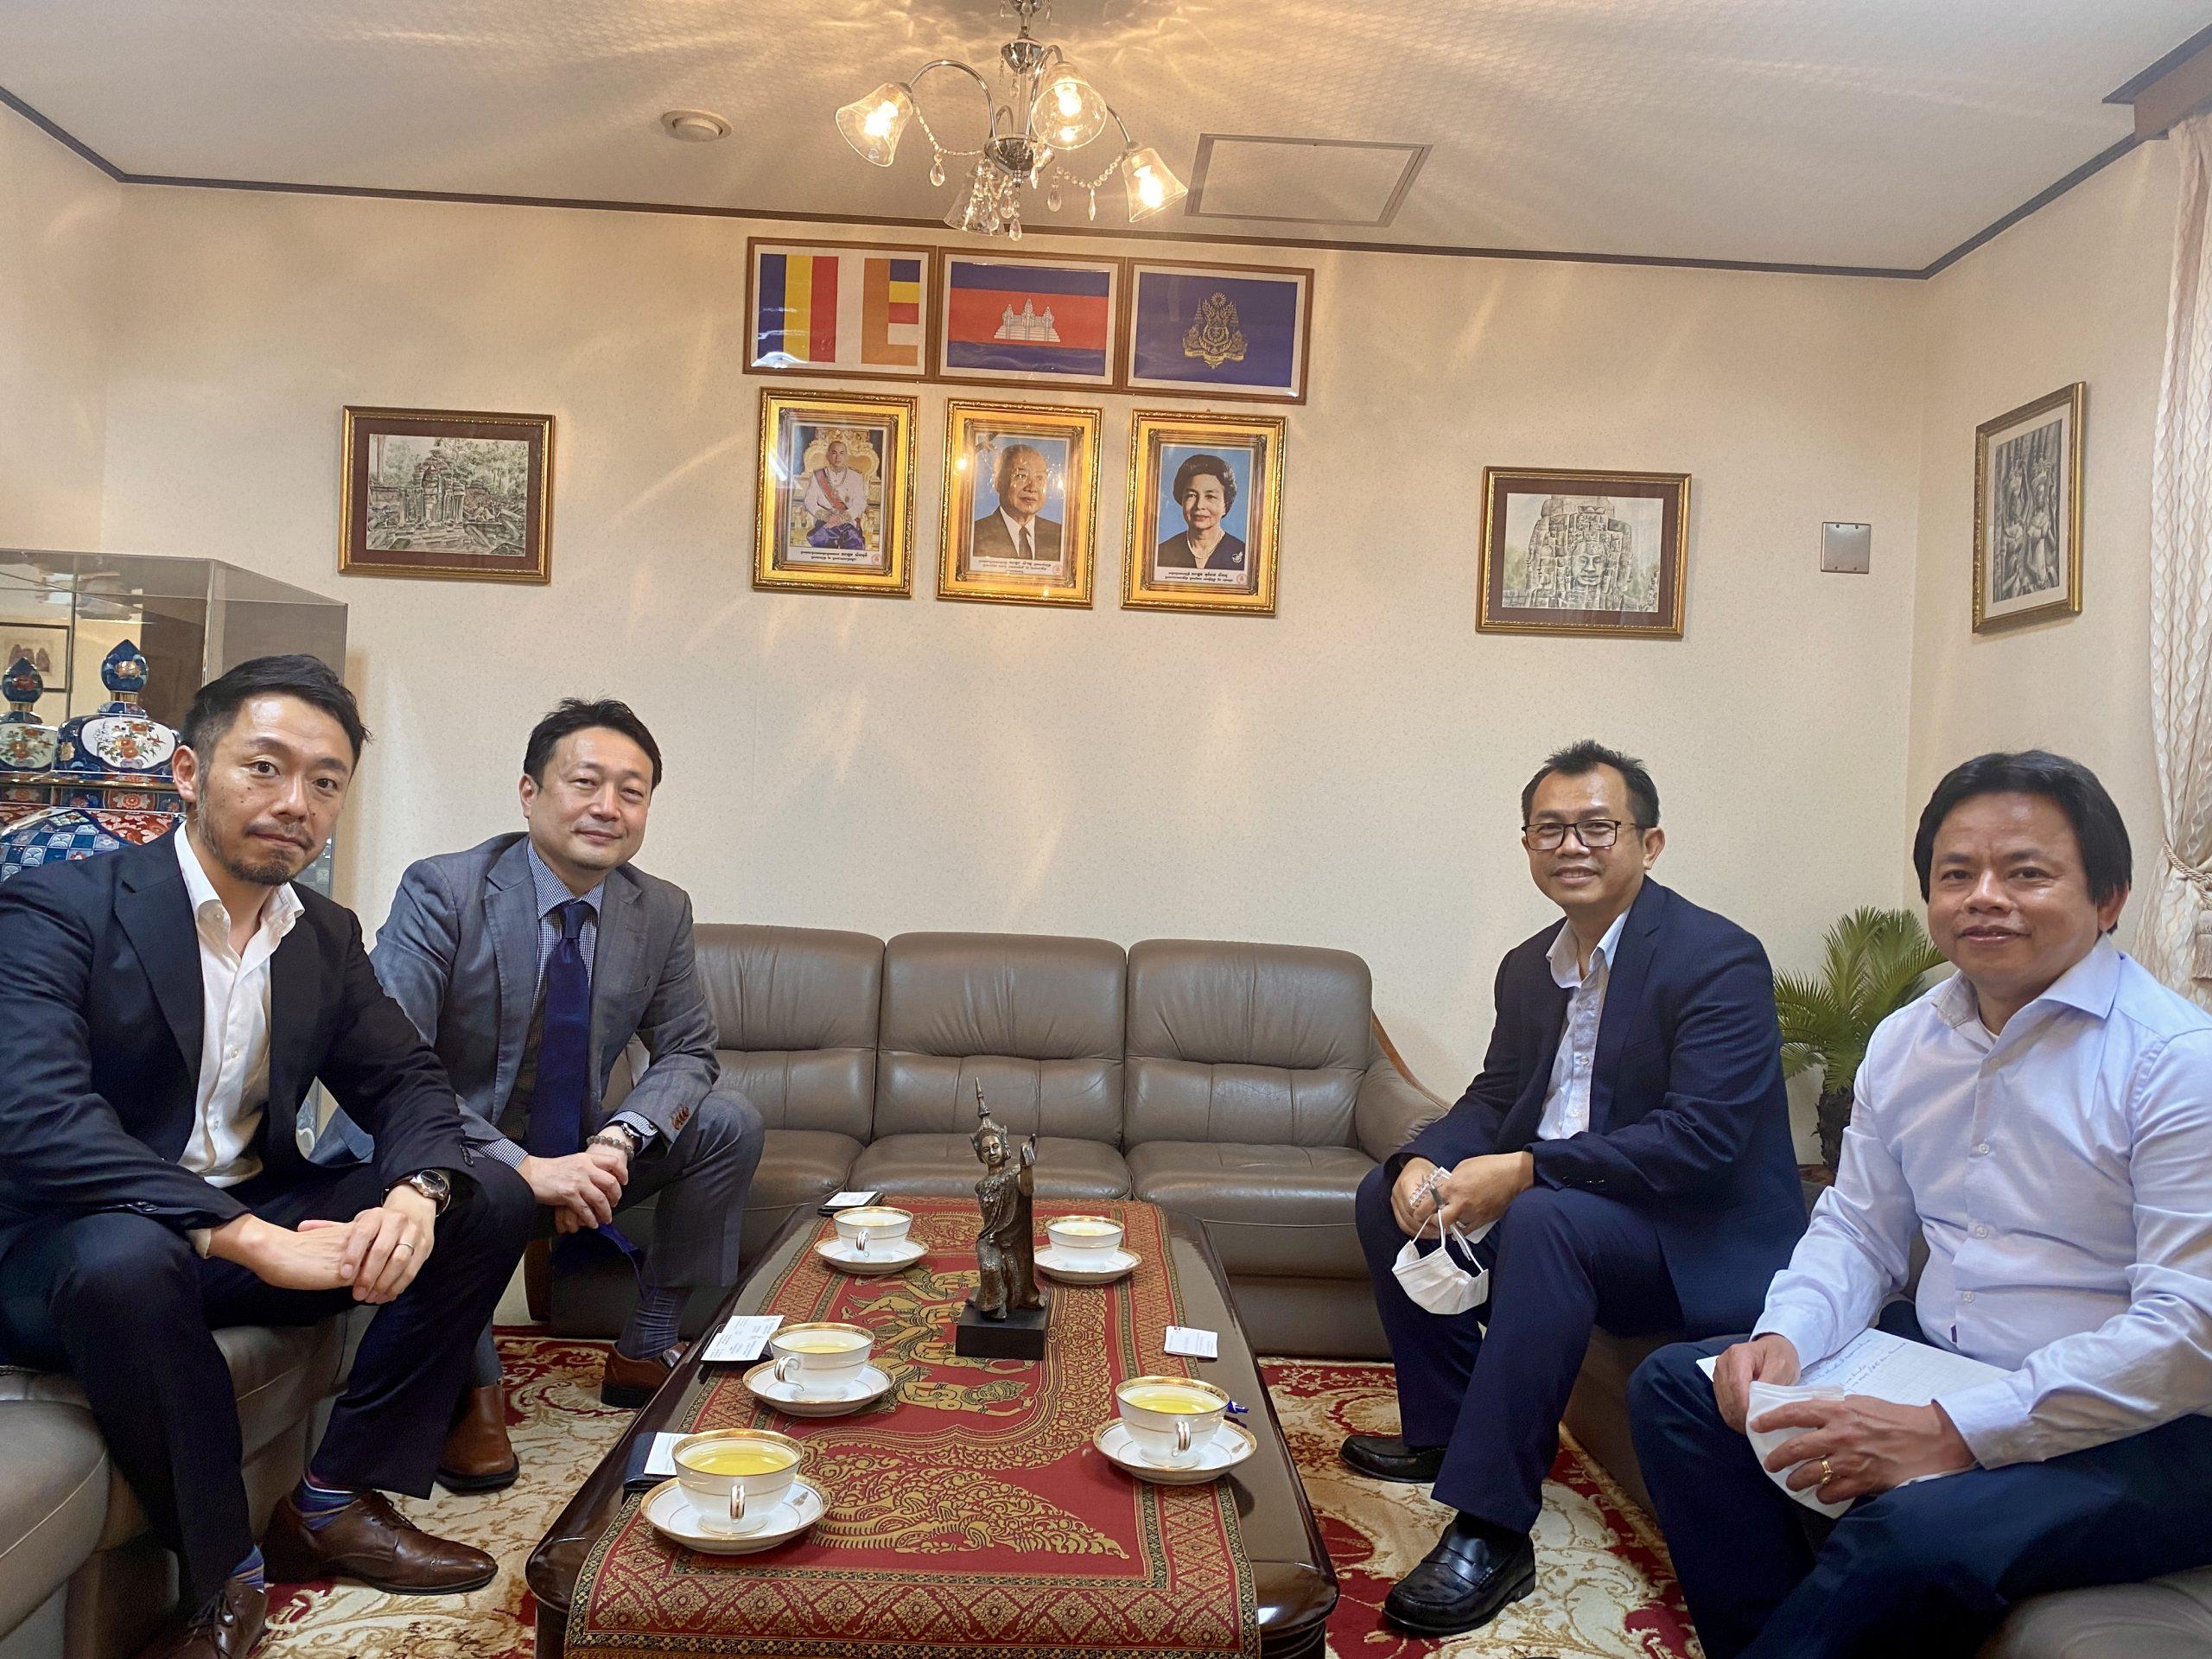 カンボジア大使館打ち合わせ